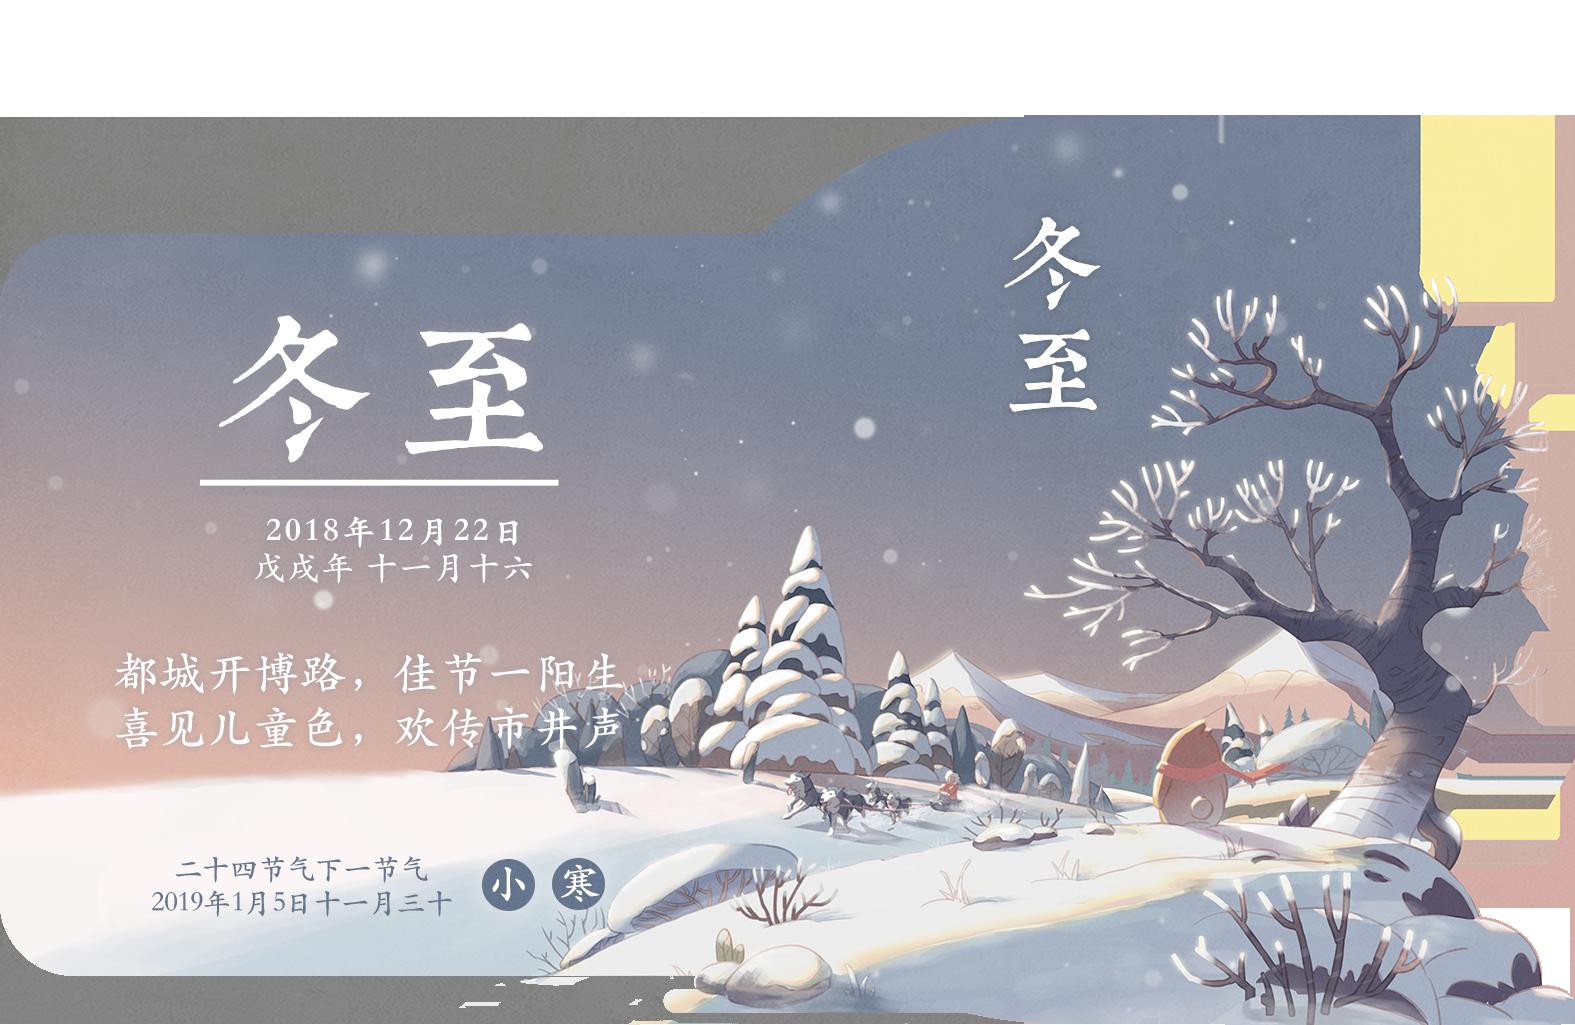 冬至如年第1张-大大の个人博客 冬至如年 分享事件